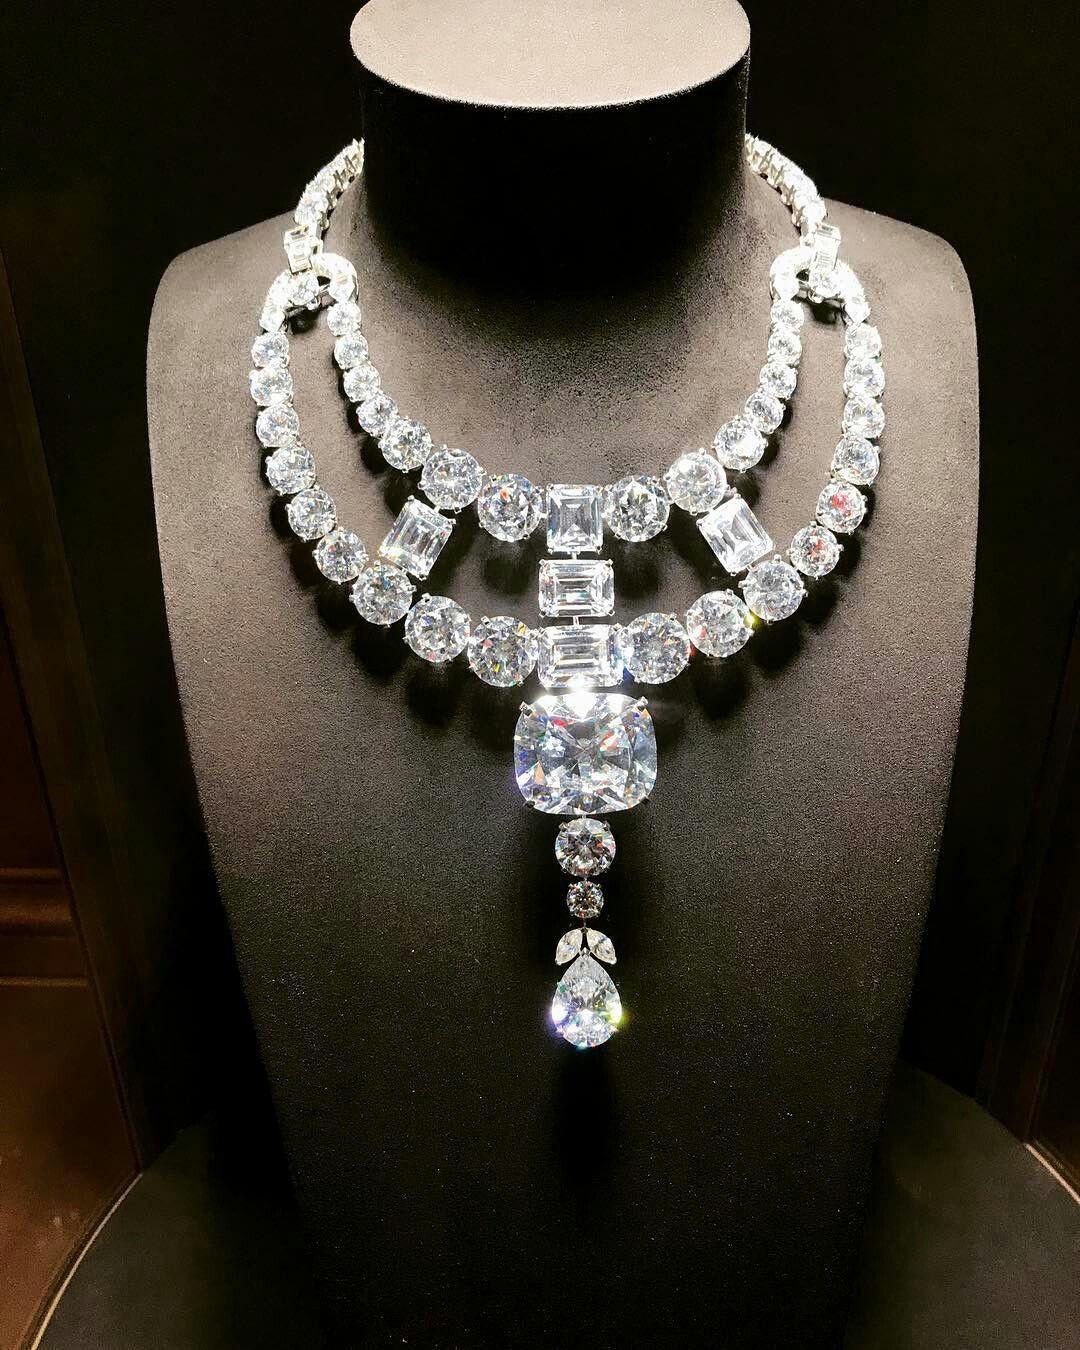 A Splendid Image Of Cartier S Jeanne Toussaint Necklace